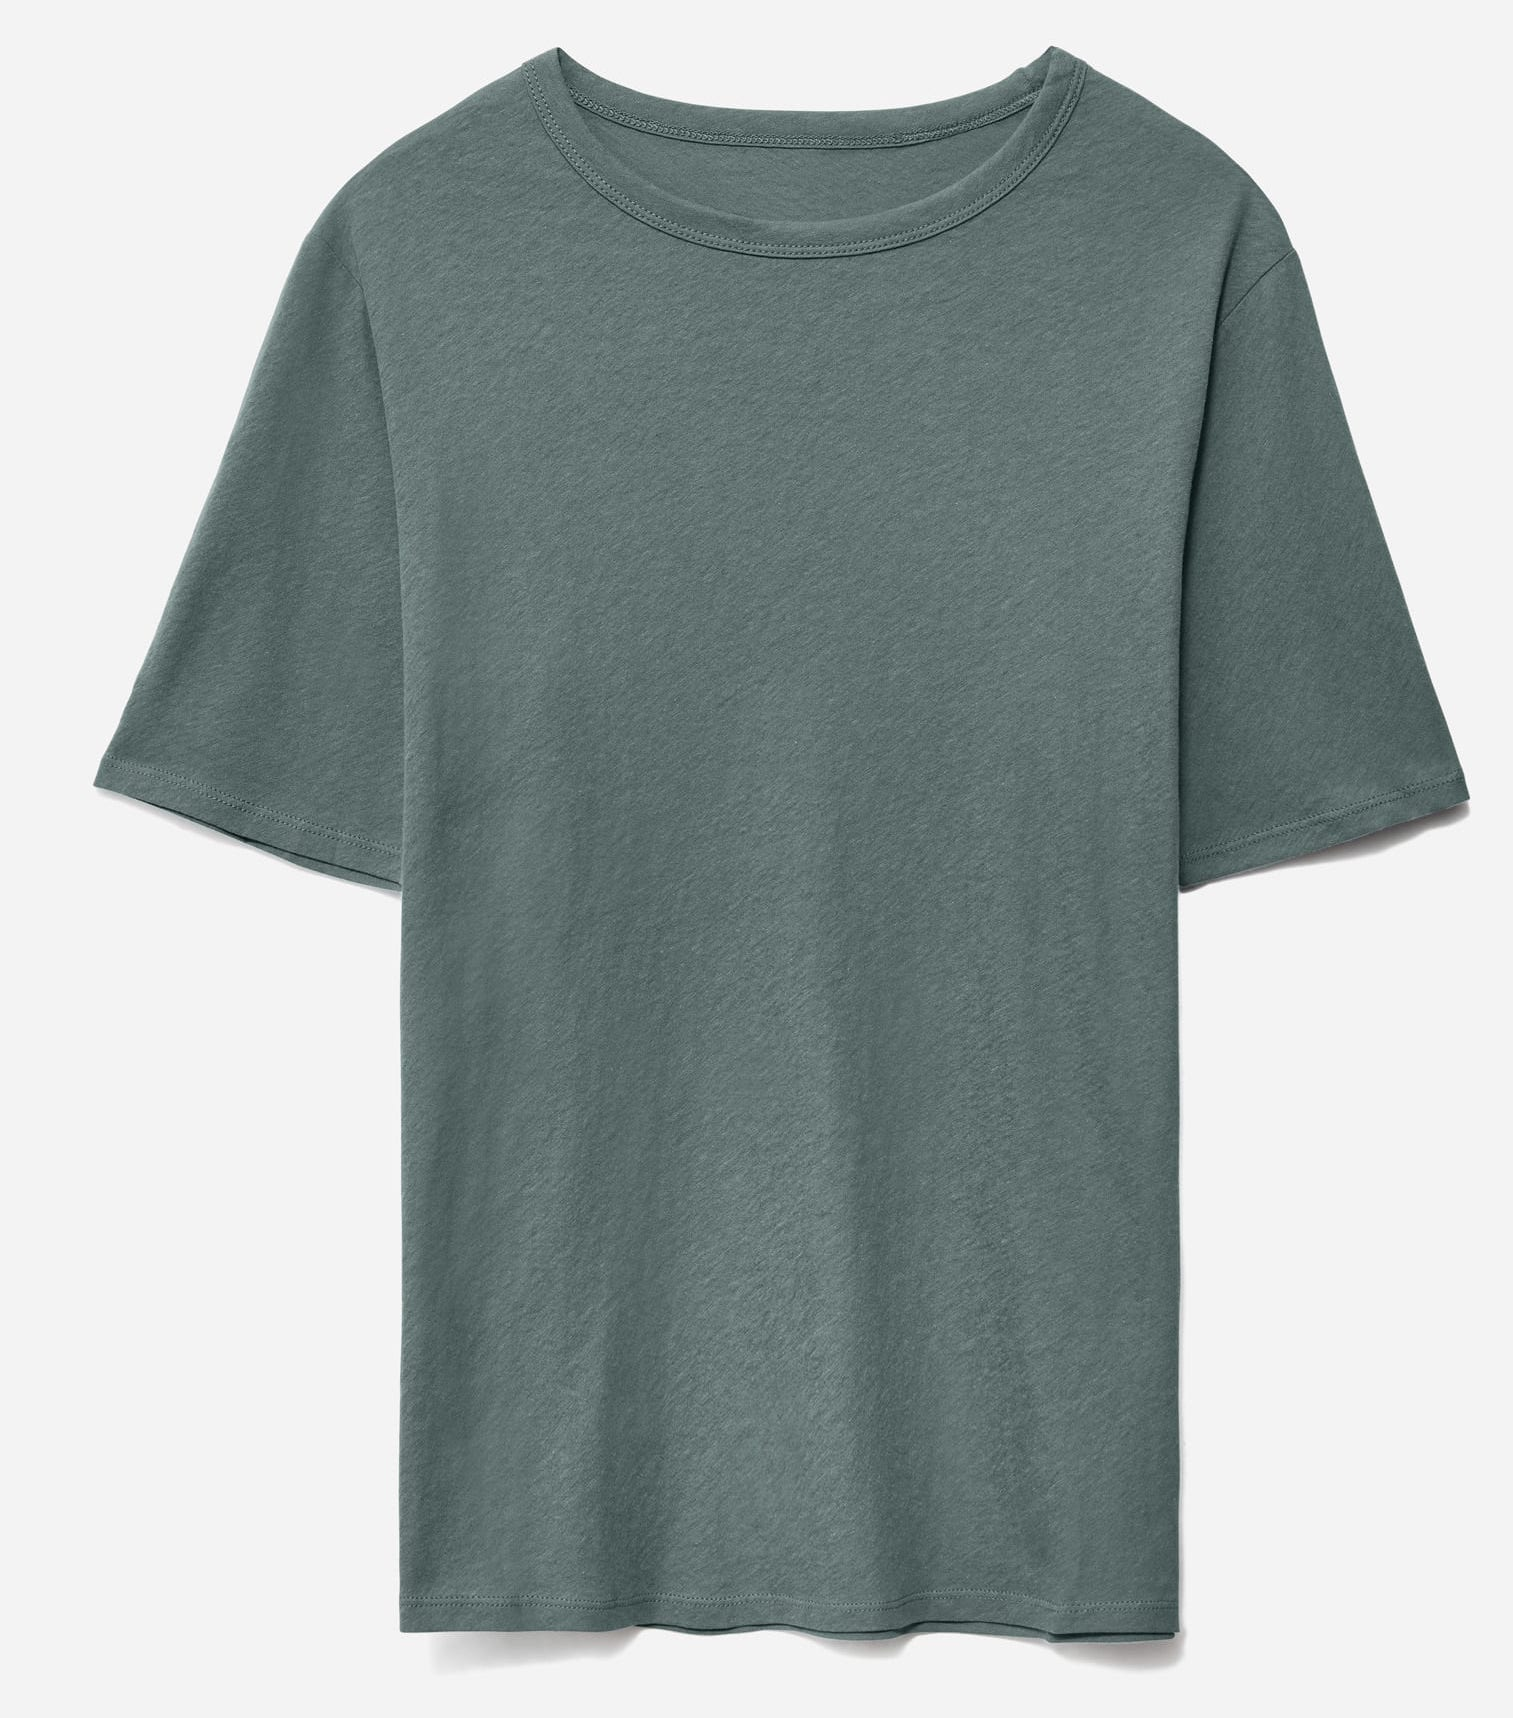 Everlane T-shirt.